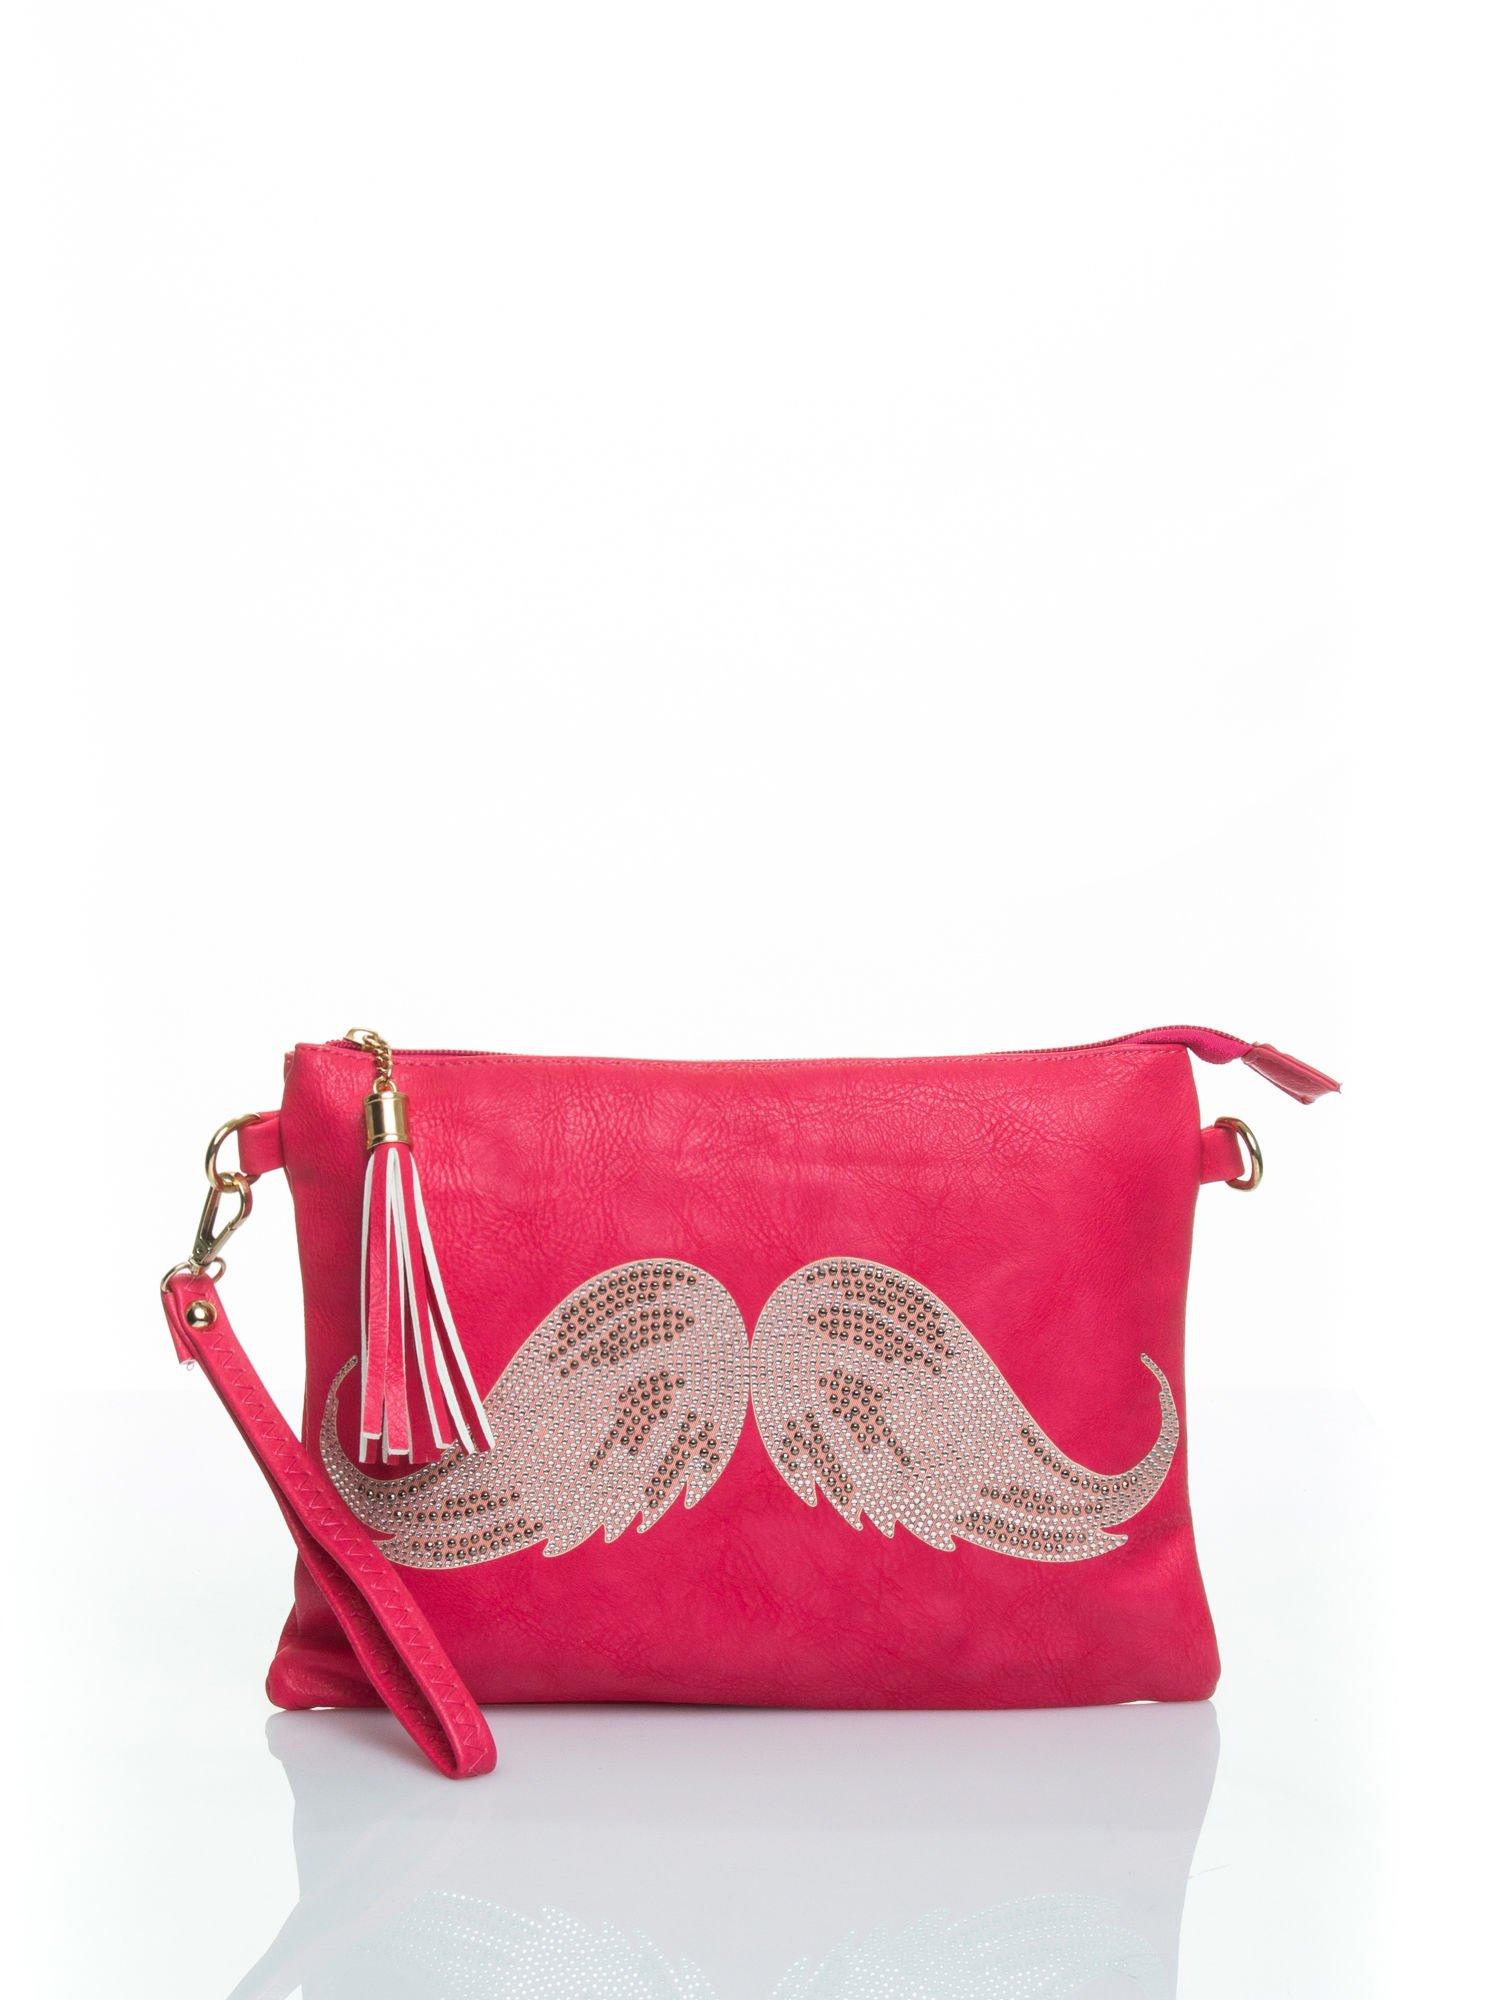 Różowa kopertówka z dżetami motyw wąsów                                  zdj.                                  1